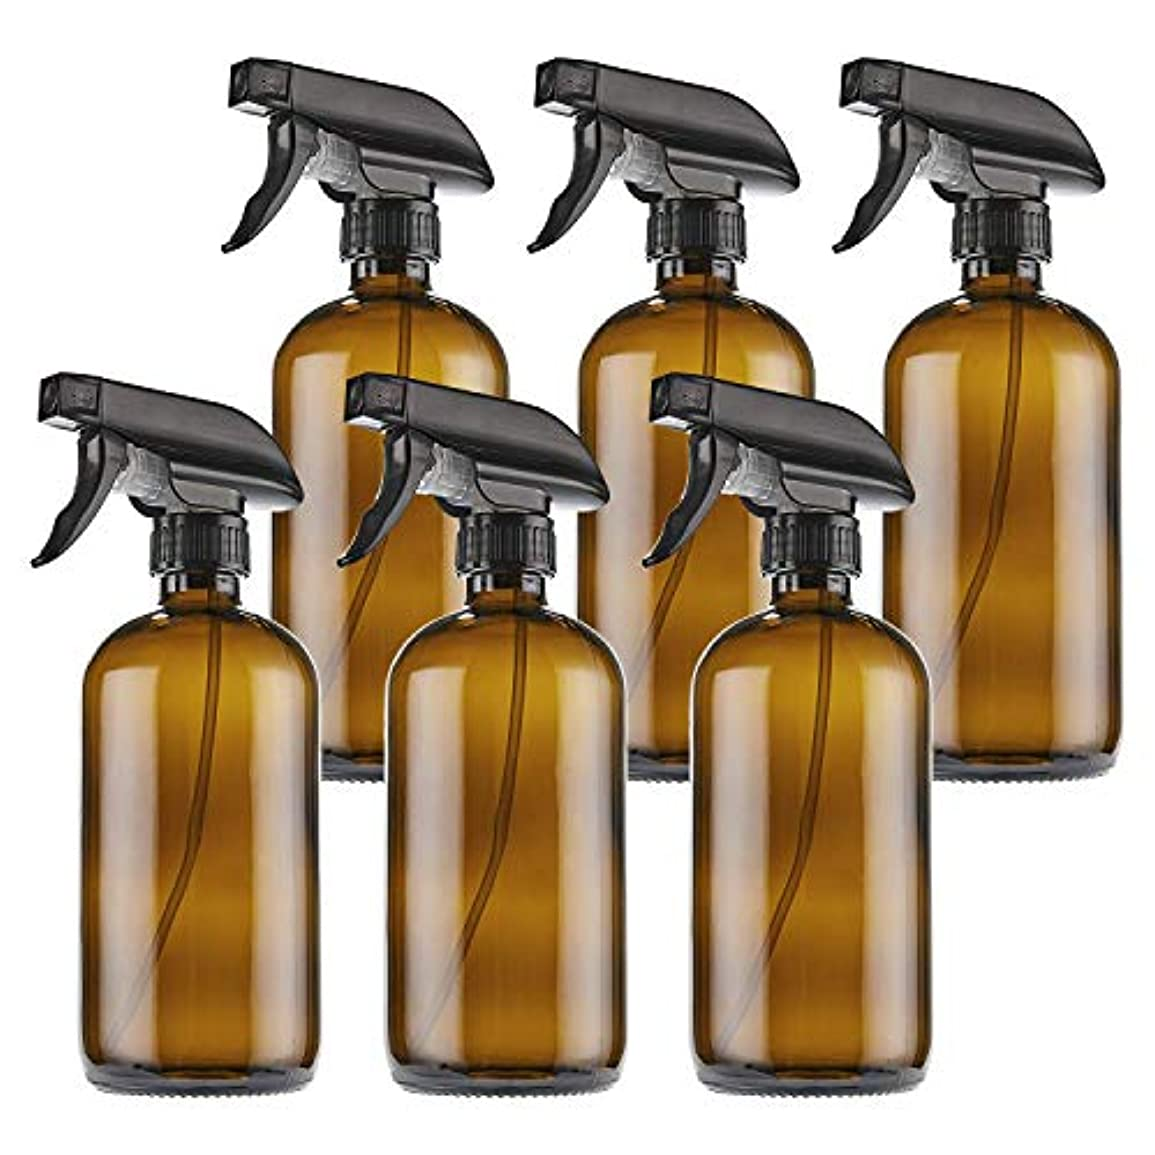 精通した刺す乱雑なTHETIS Homes トリガースプレーキャップを持つ16オンス空 琥珀ボストンスプレーボトルや製品部屋 やアロマセラピーを清掃エッセンシャルオイル 用 ガラスびん ラベル 6パック